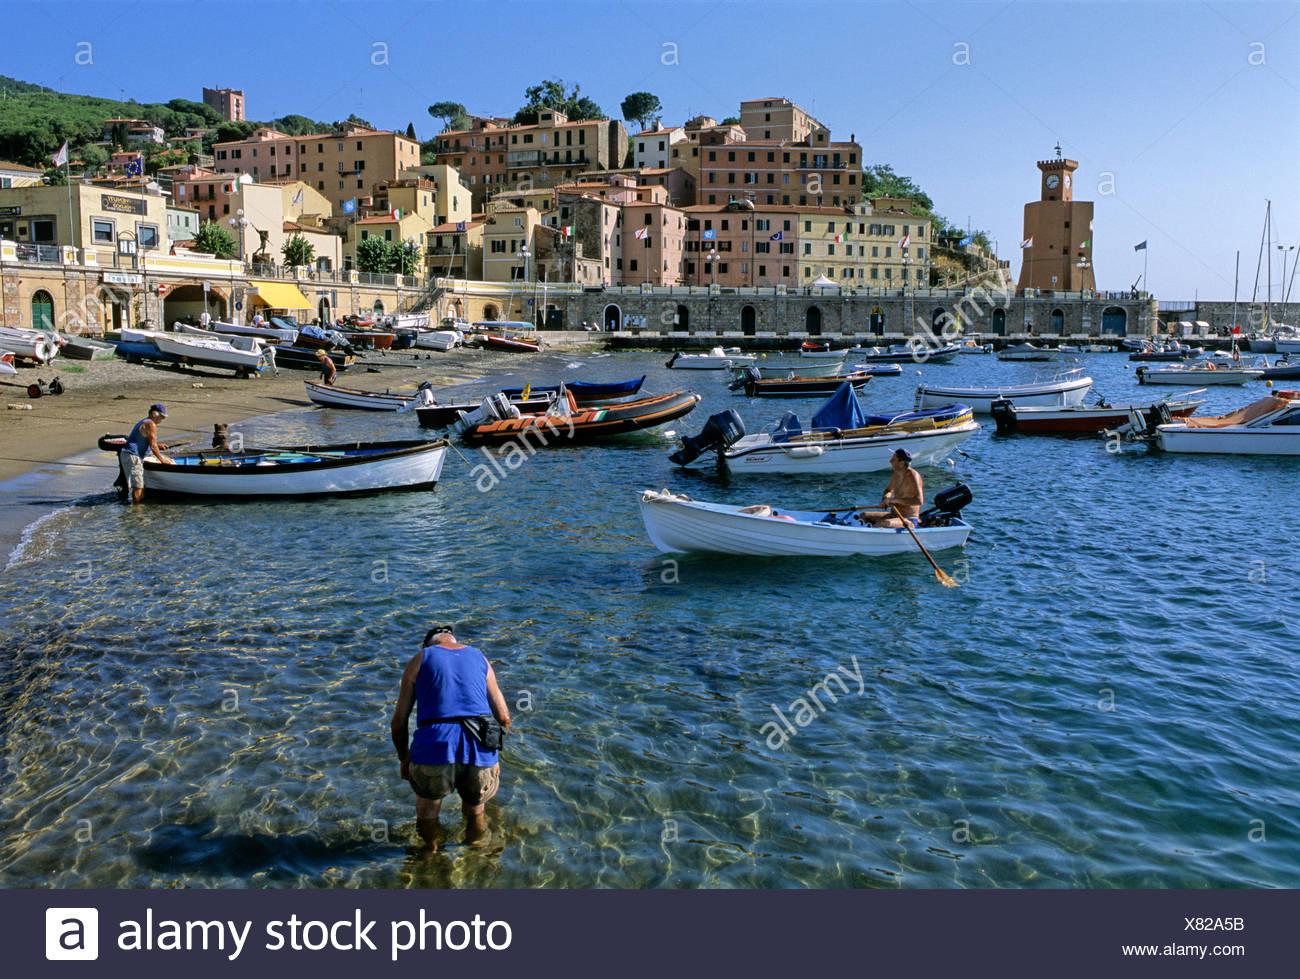 Boats, harbour, Rio Marina, the island of Elba, Livorno Province, Tuscany, Italy, Europe - Stock Image